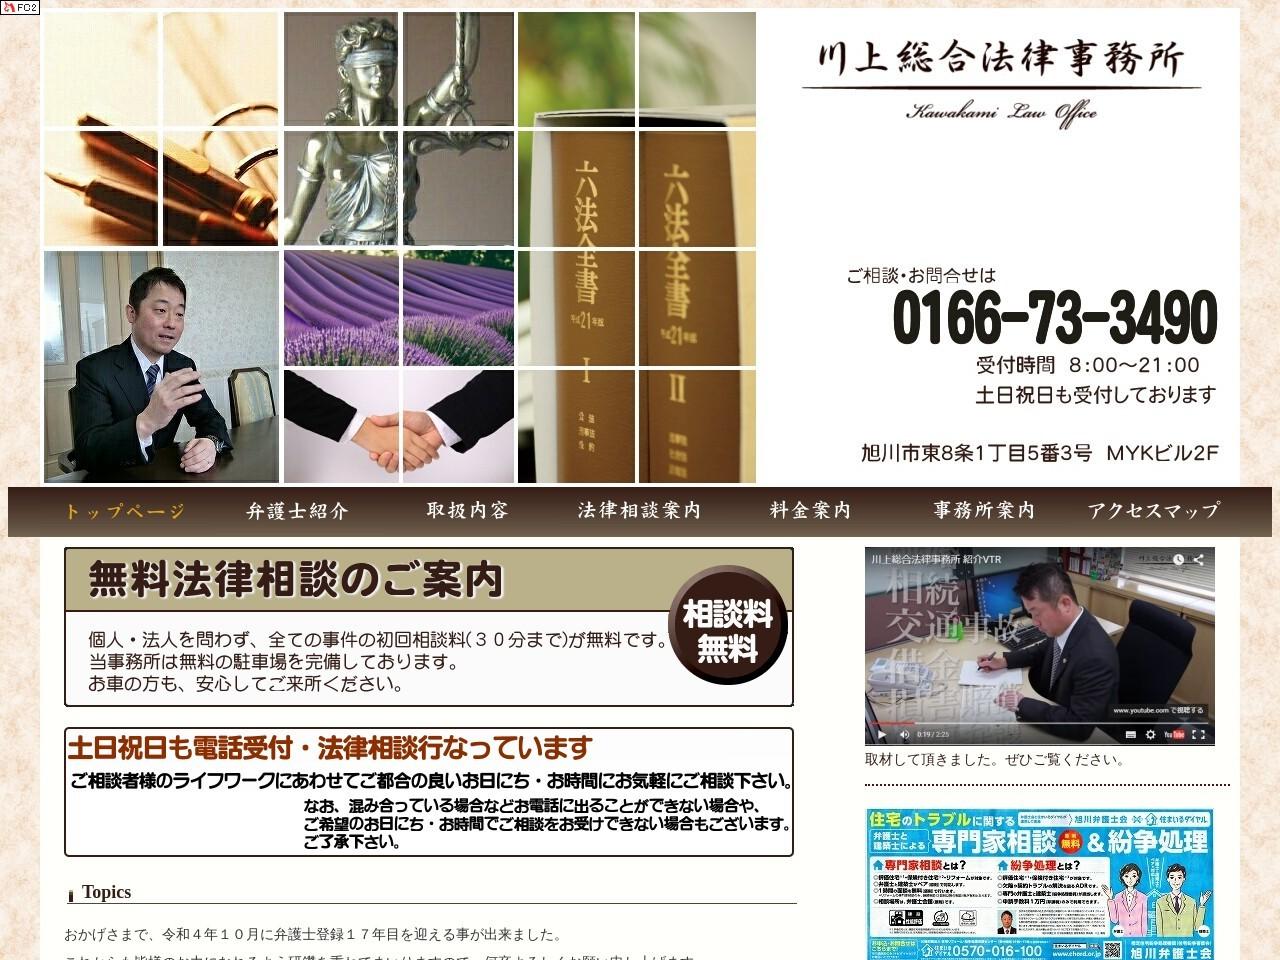 川上総合法律事務所